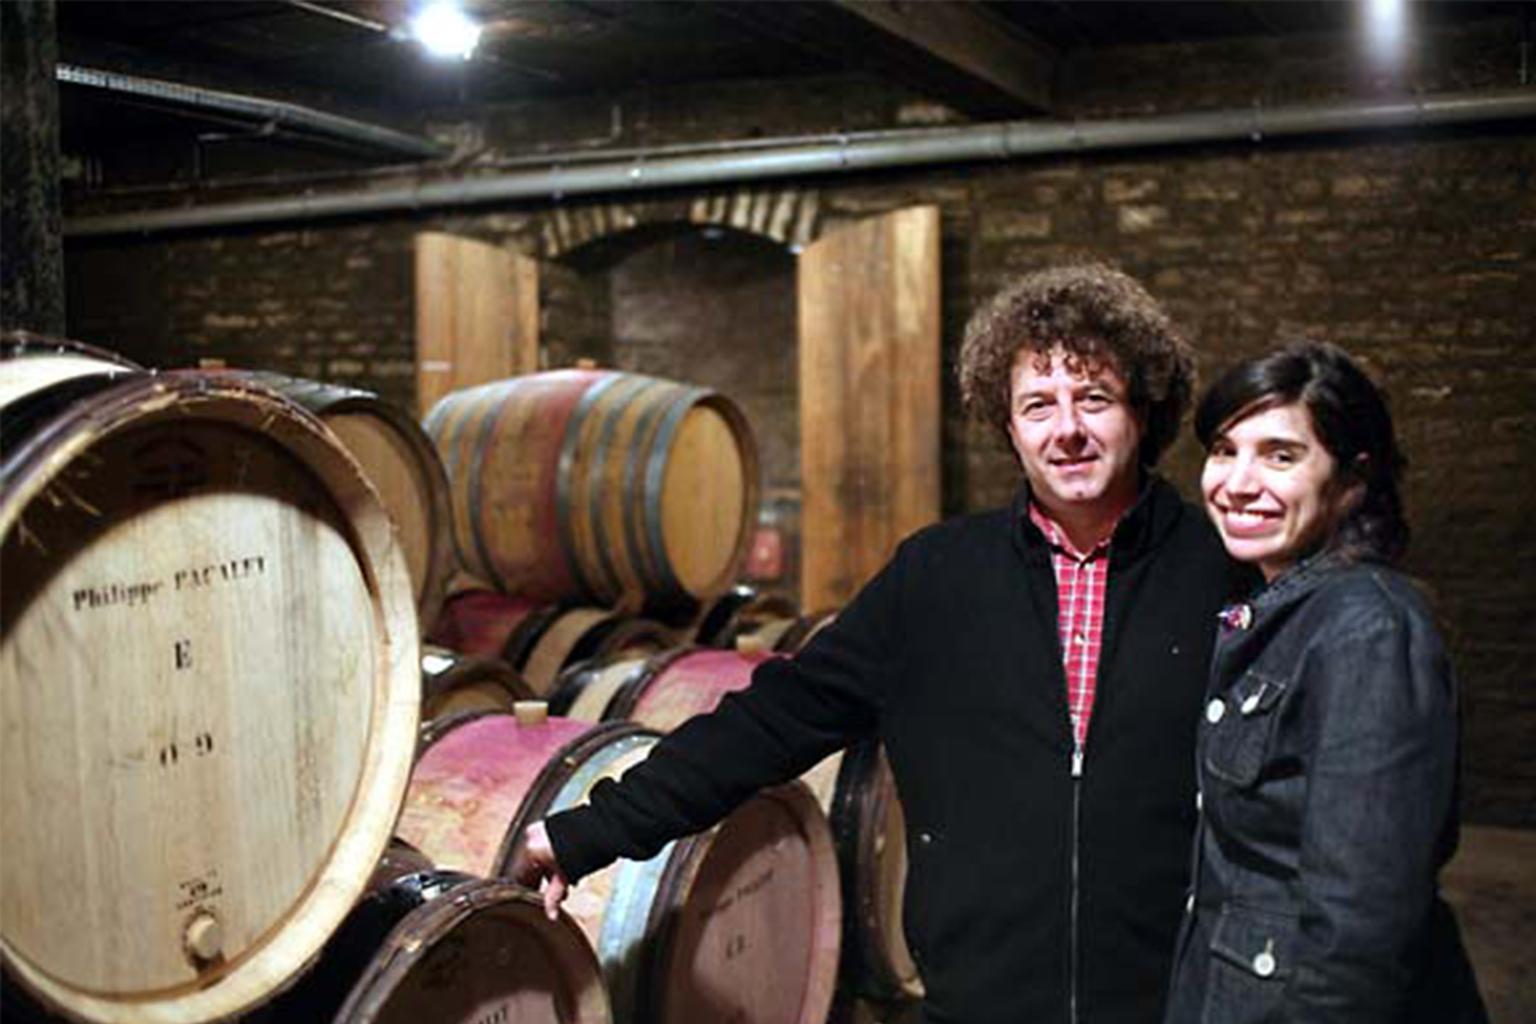 Domaine Philippe Pacalet - アペロ ワインバー / apéro WINEBAR - vins et petits plats français - Minami Aoyama Tokyo